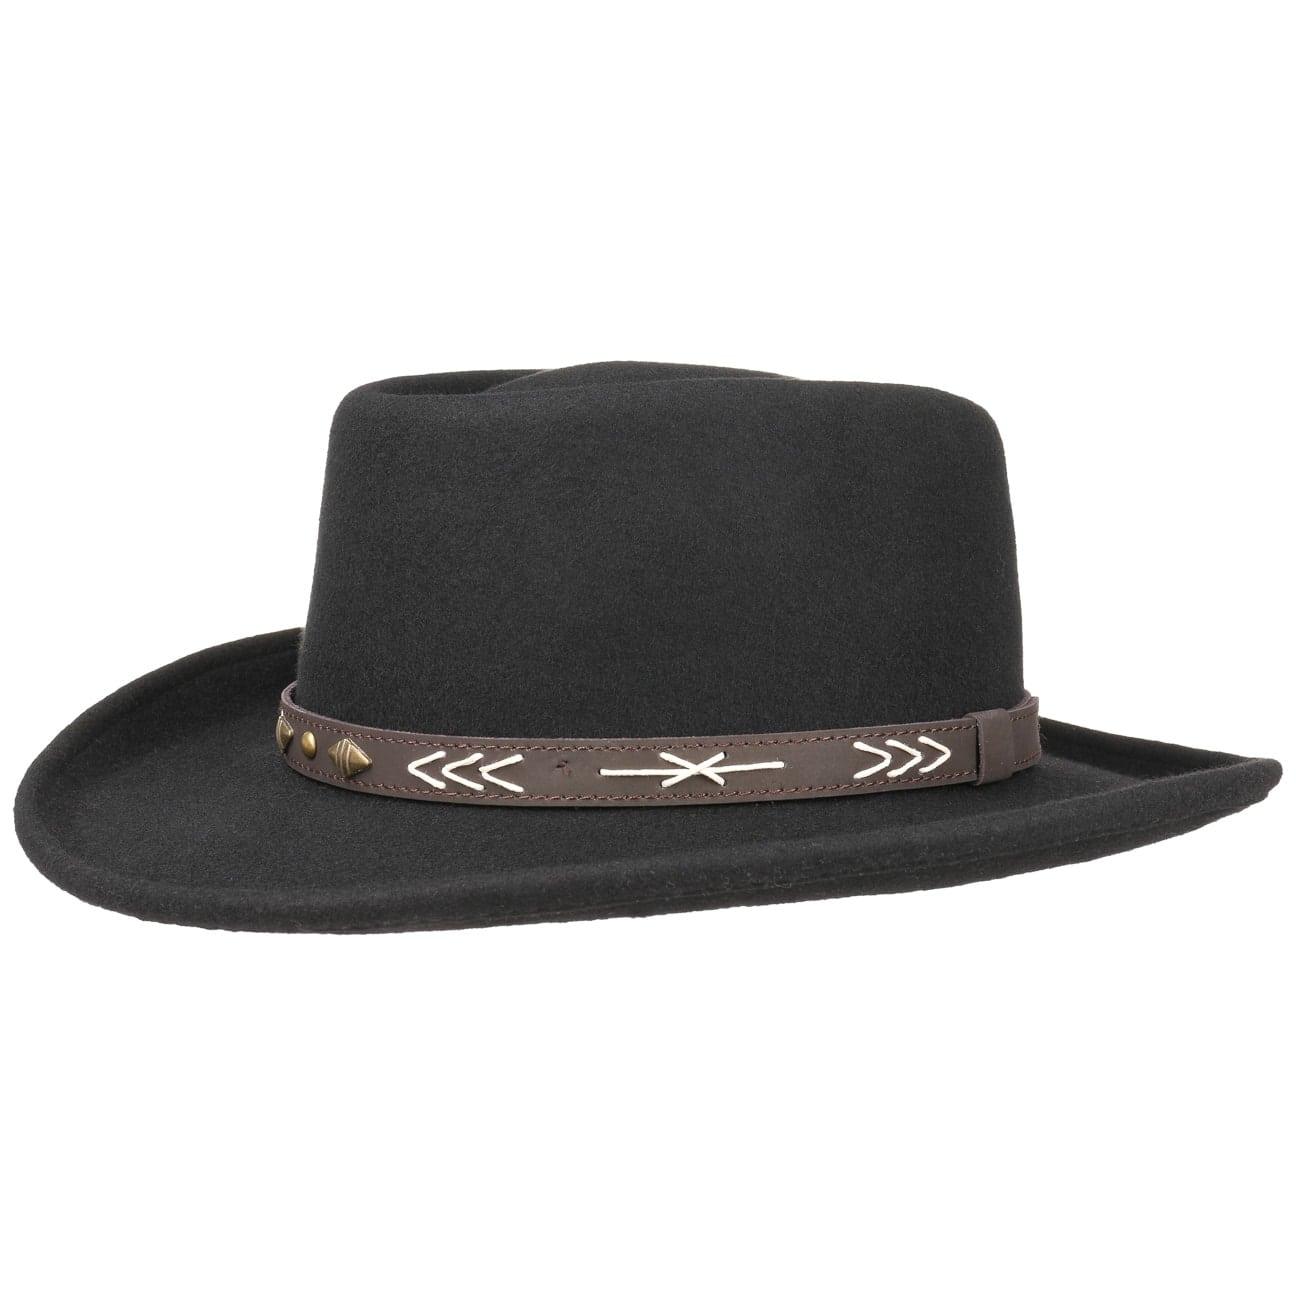 Sombrero Fieltro Arizo Gambler by Conner  sombrero de lana